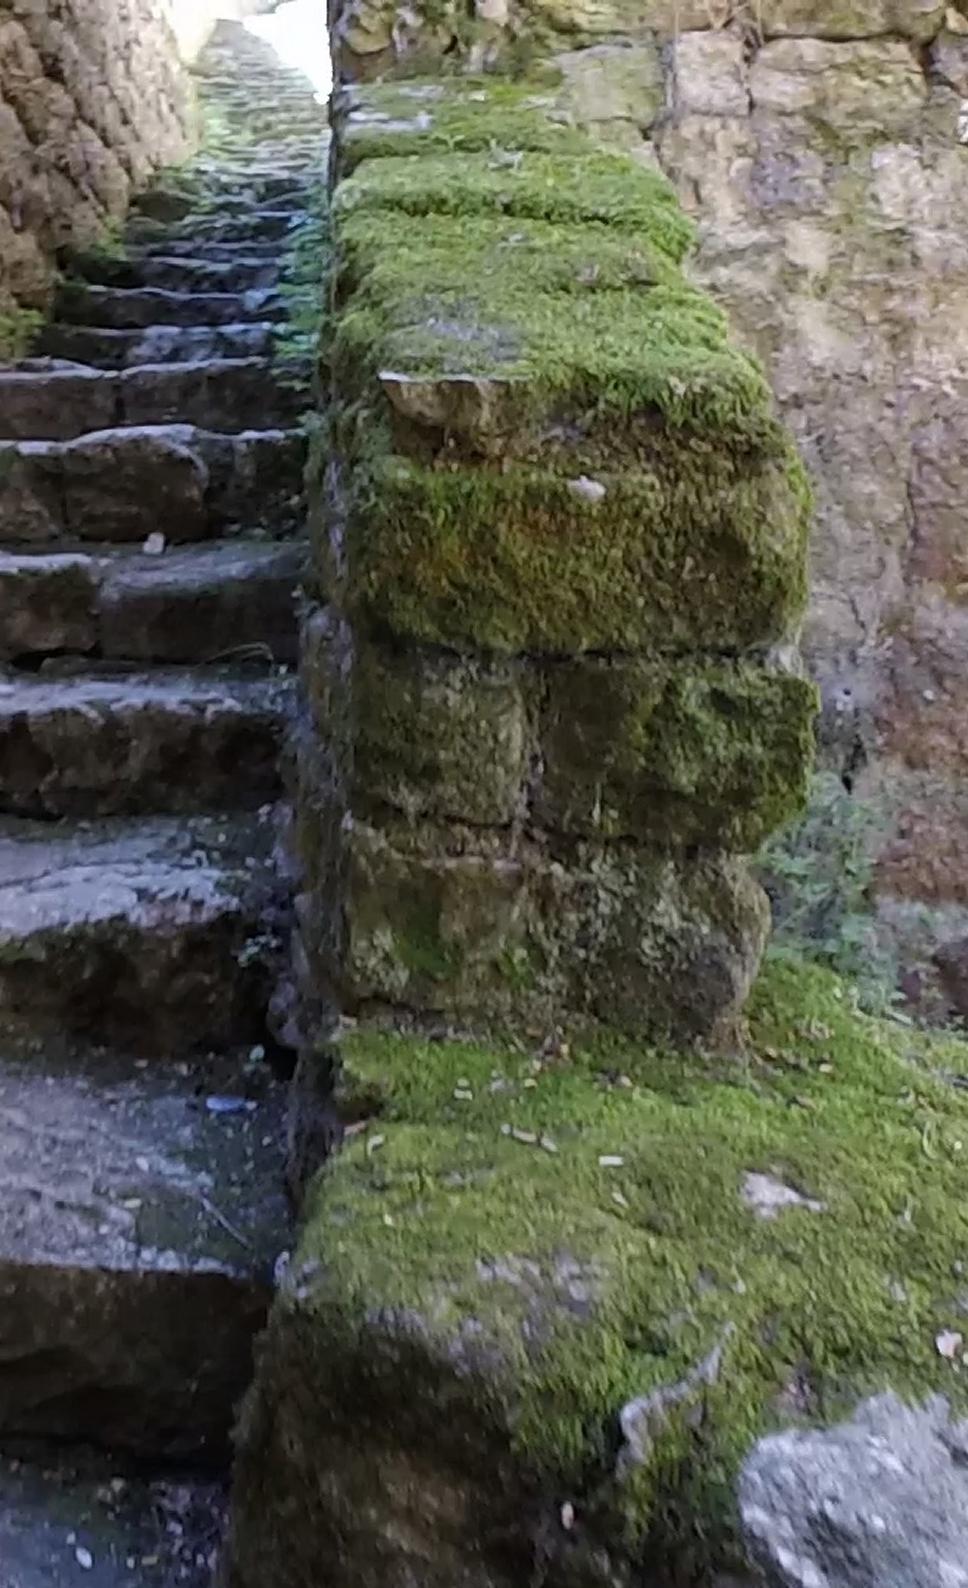 LOT'refois - Capture GoPro 2016 - La Fontaine romaine dite des Anglais